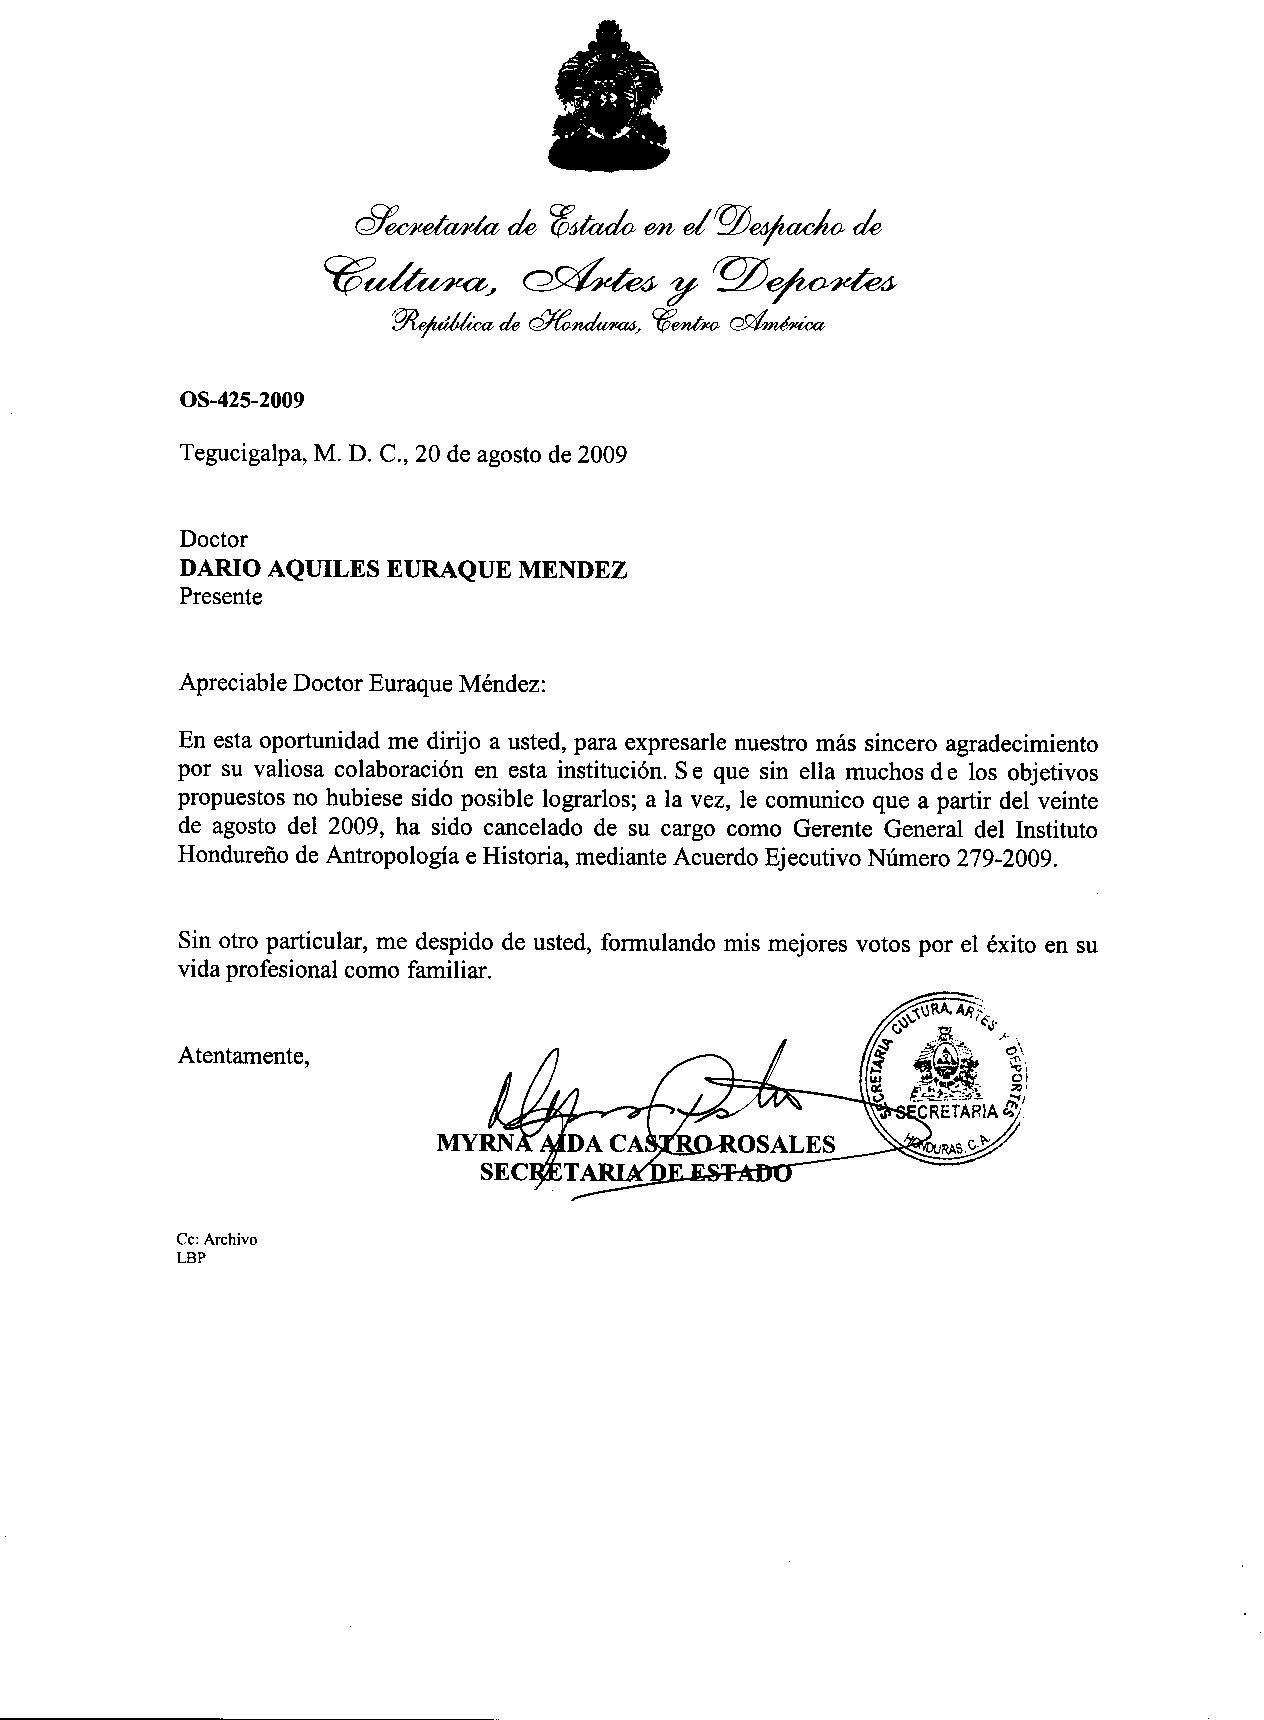 Destitución ilegal del Dr. Euraque